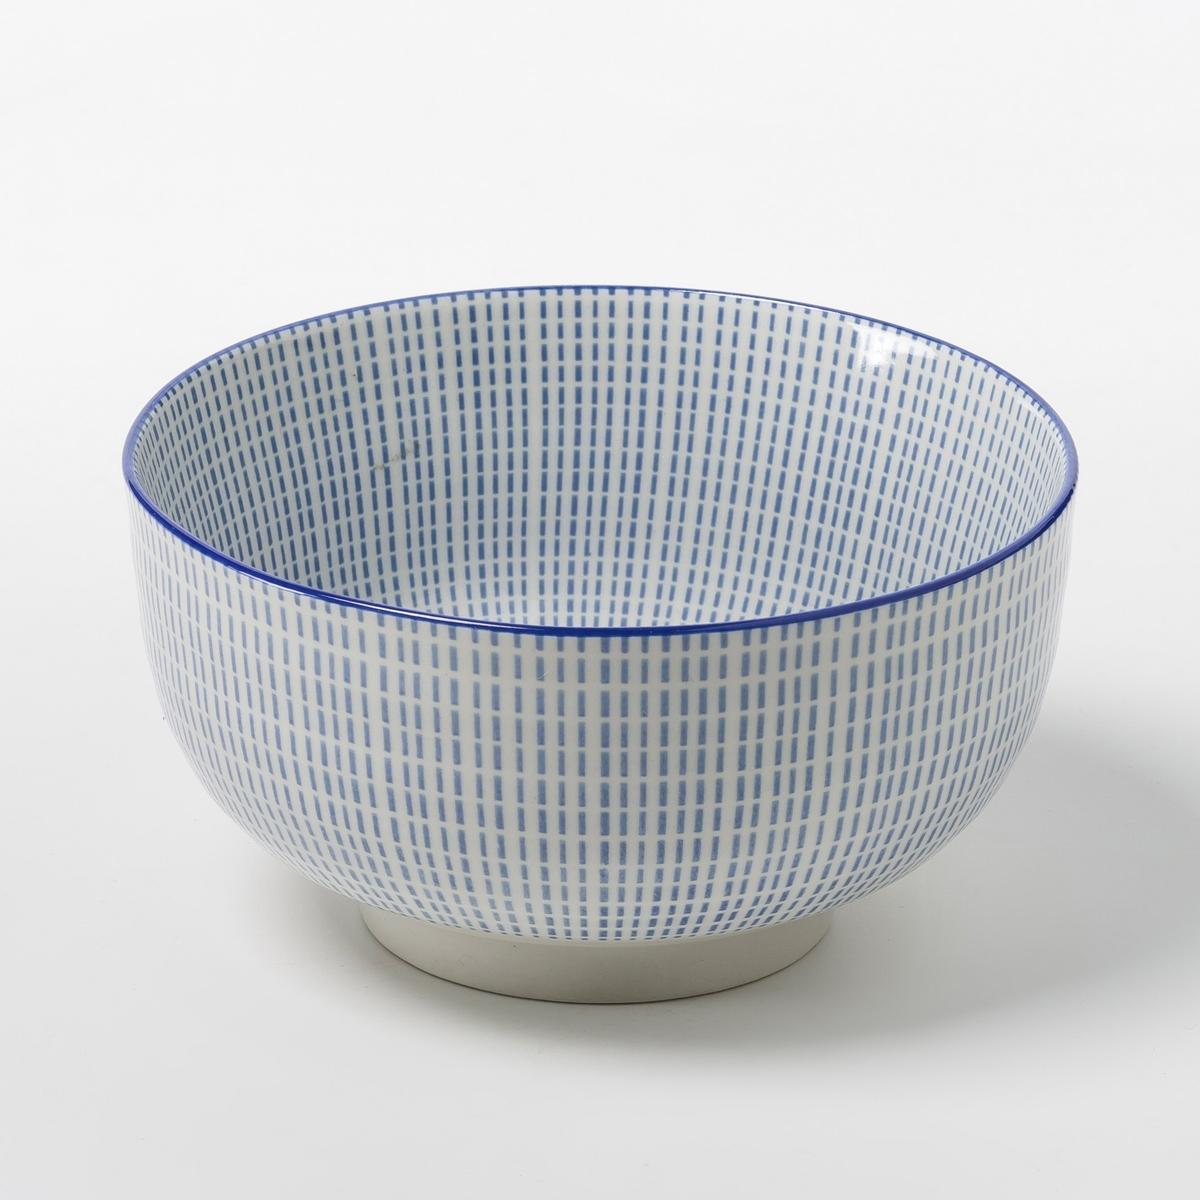 4 чаши фарфоровые Shigoni4 чаши Shigoni. Чаша в азиатском стиле с рифленой поверхностью. Глазурованный фарфор. Размеры: ?12,7. Подходит для посудомоечных машин и микроволновых печей. Выбор мелких и десертных тарелок на сайте.<br><br>Цвет: синий/белый,черный + белый<br>Размер: единый размер